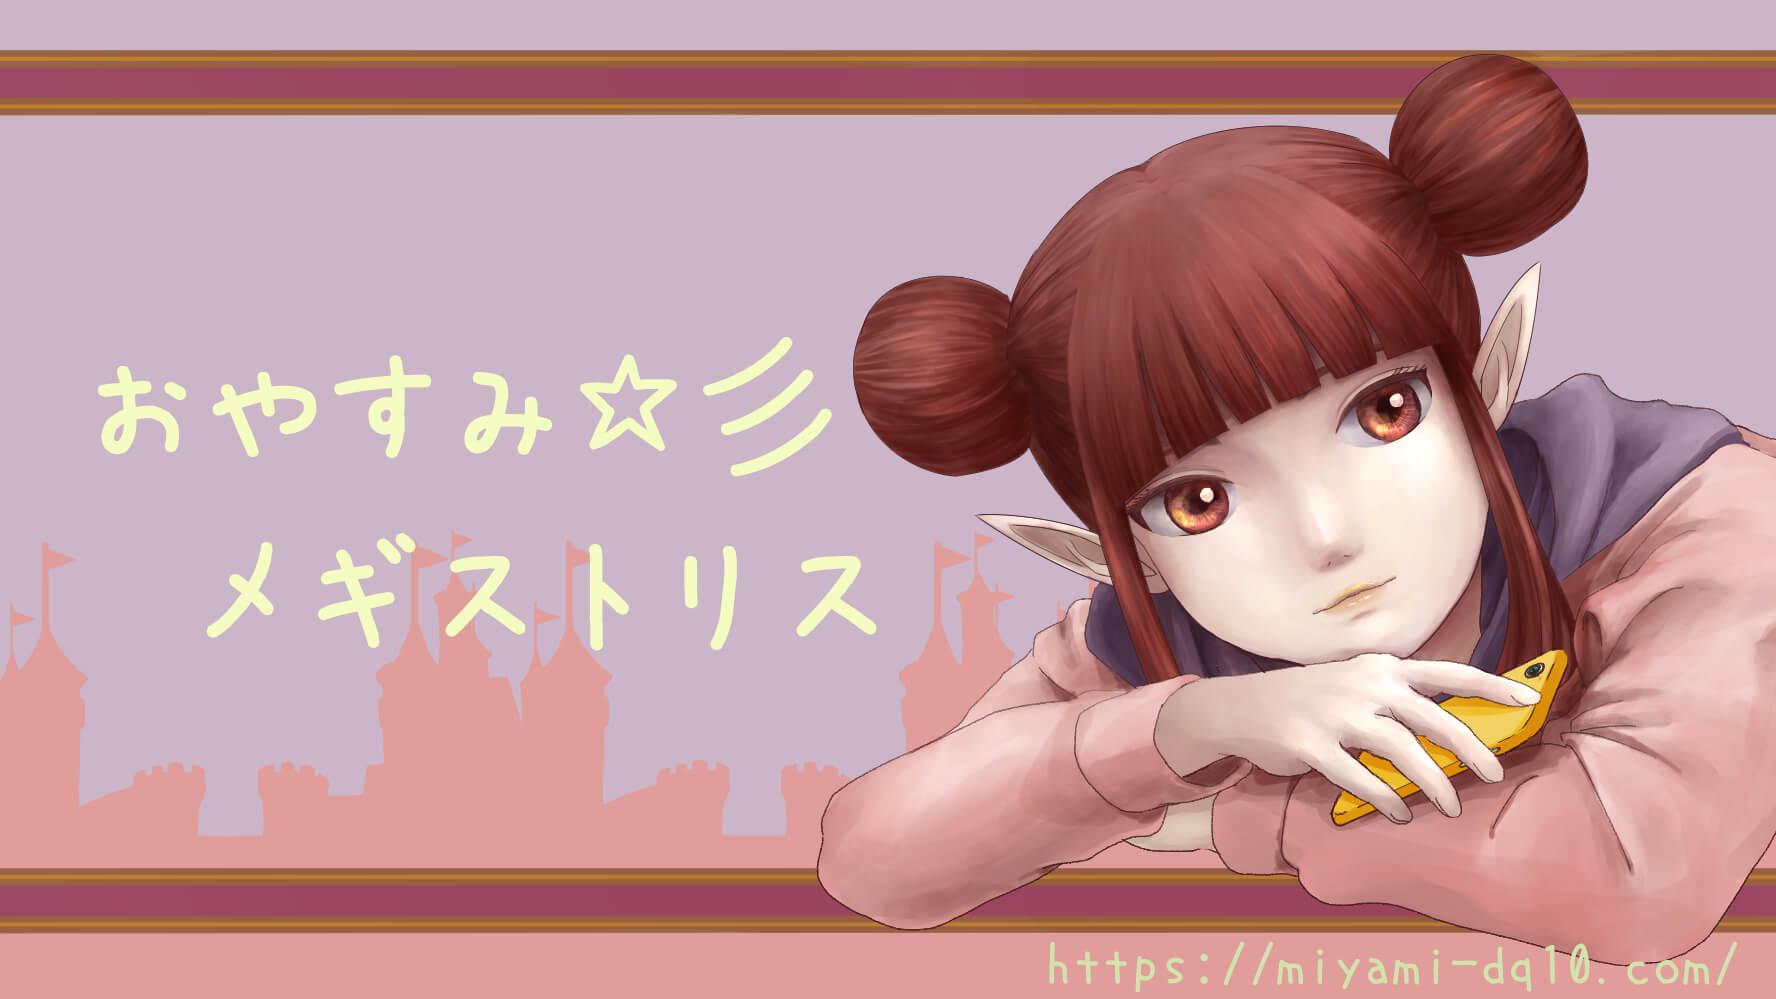 おやすみ☆彡 メギストリス ドラクエ10ブログ